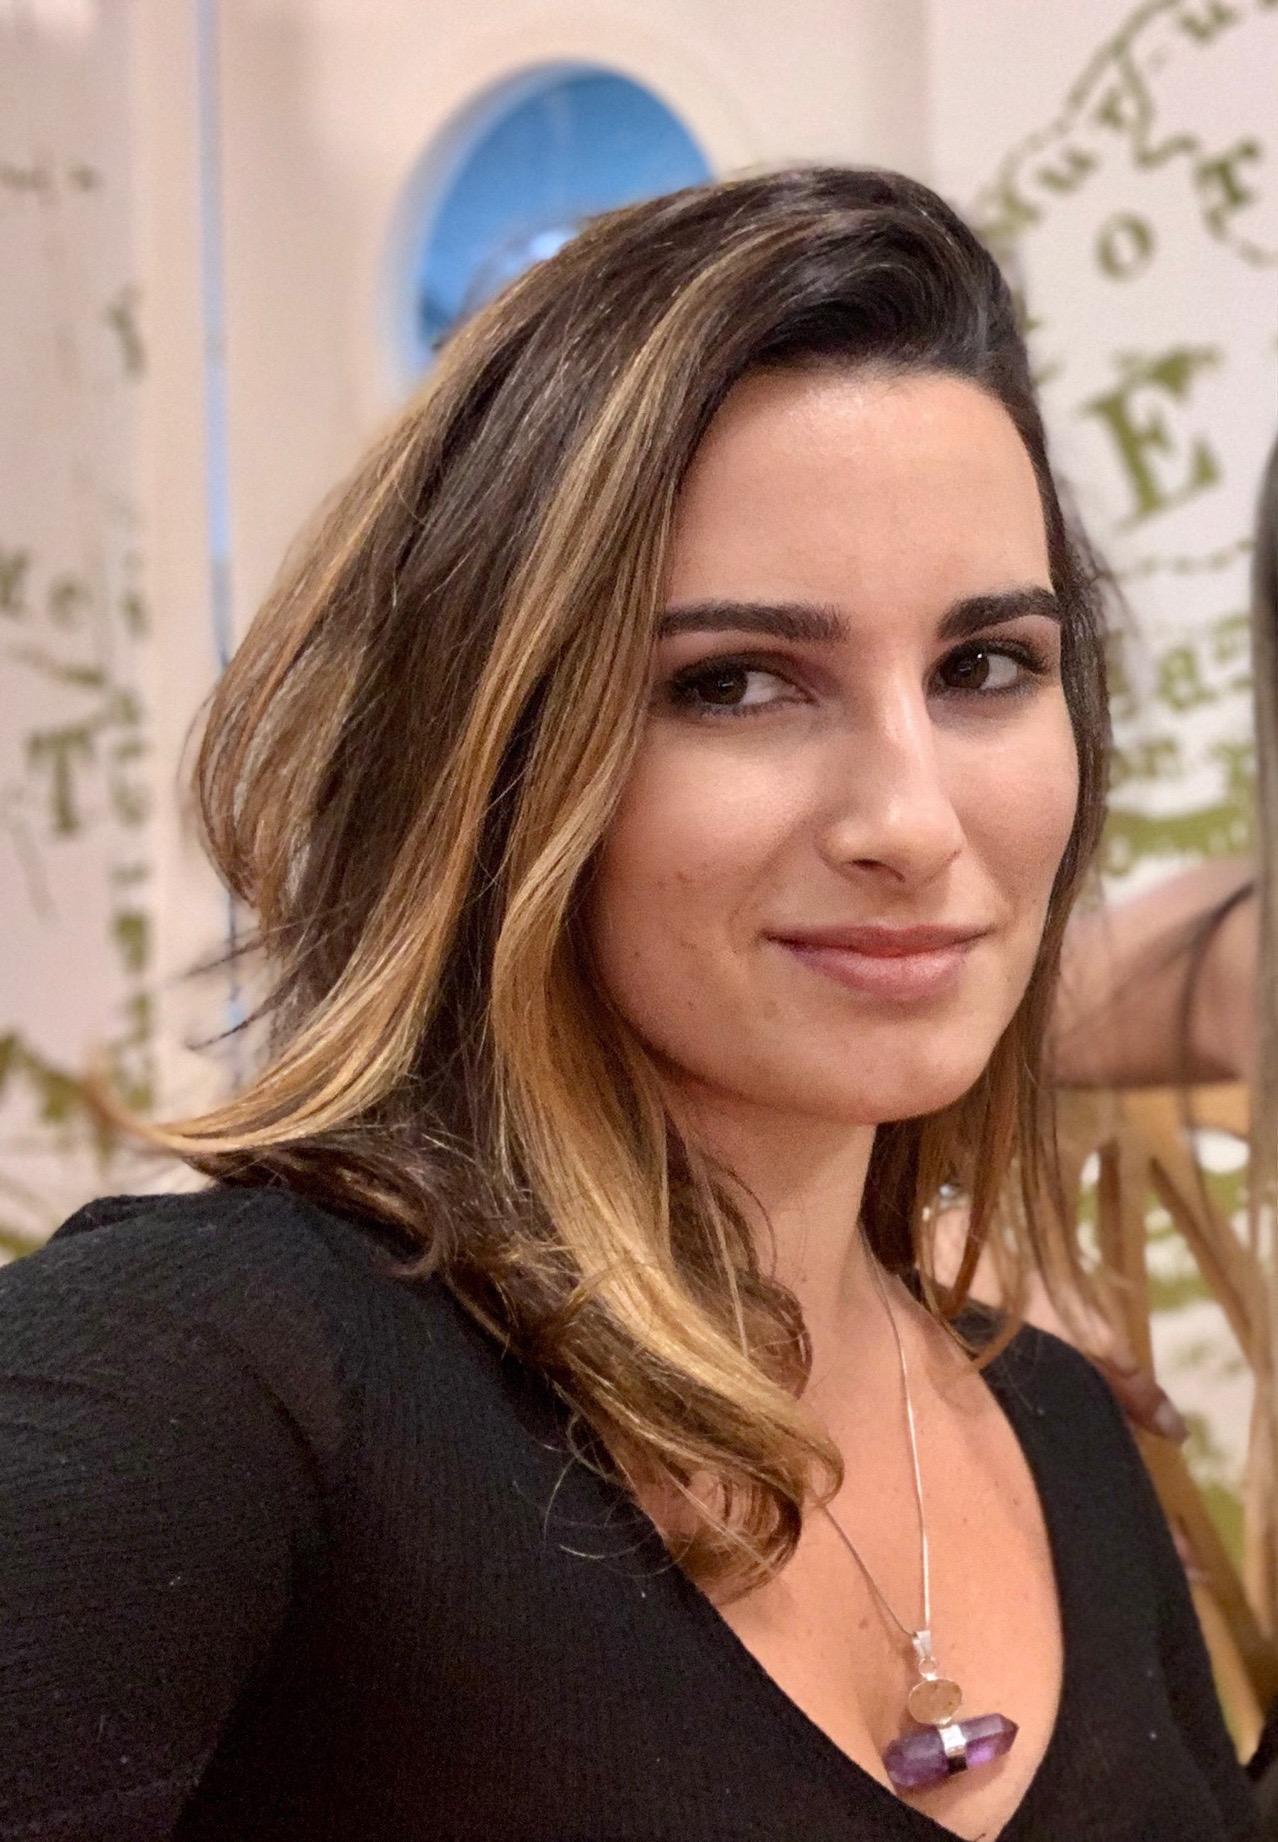 Camila Cerreti